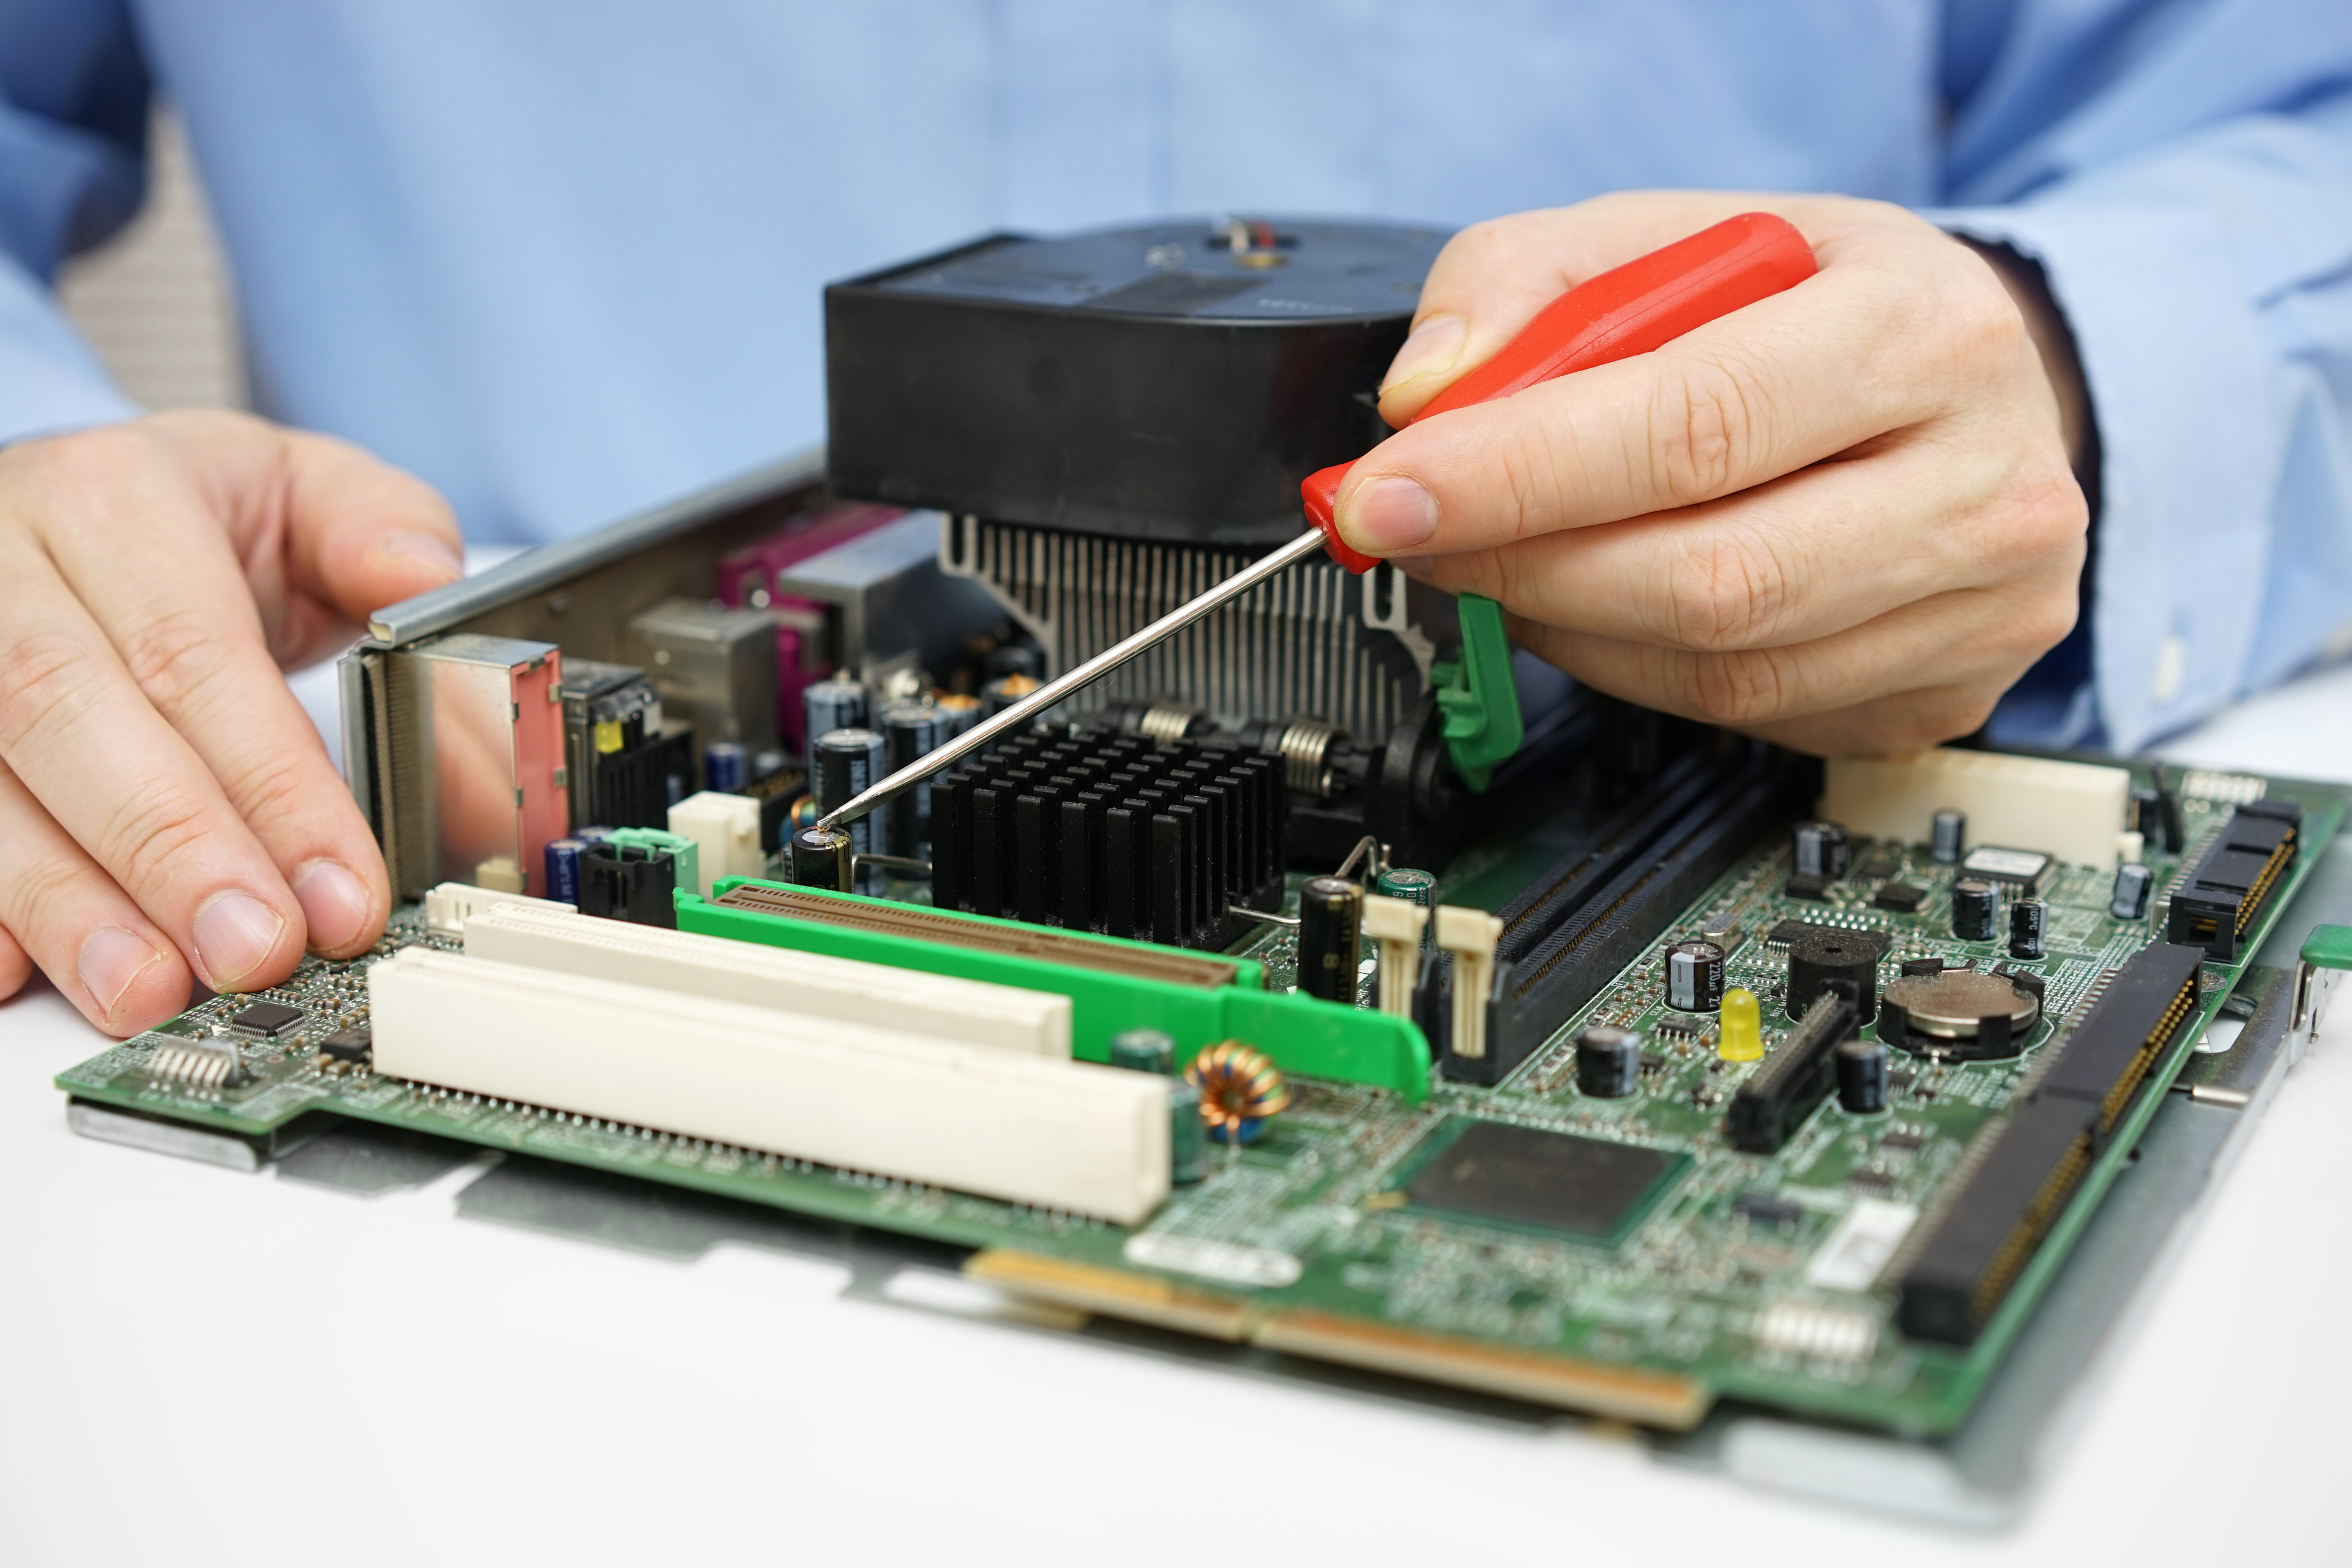 ハードウェアエンジニア(電子回路設計、組込み系ソフトウェア開発、産業機器系のSEいずれか)